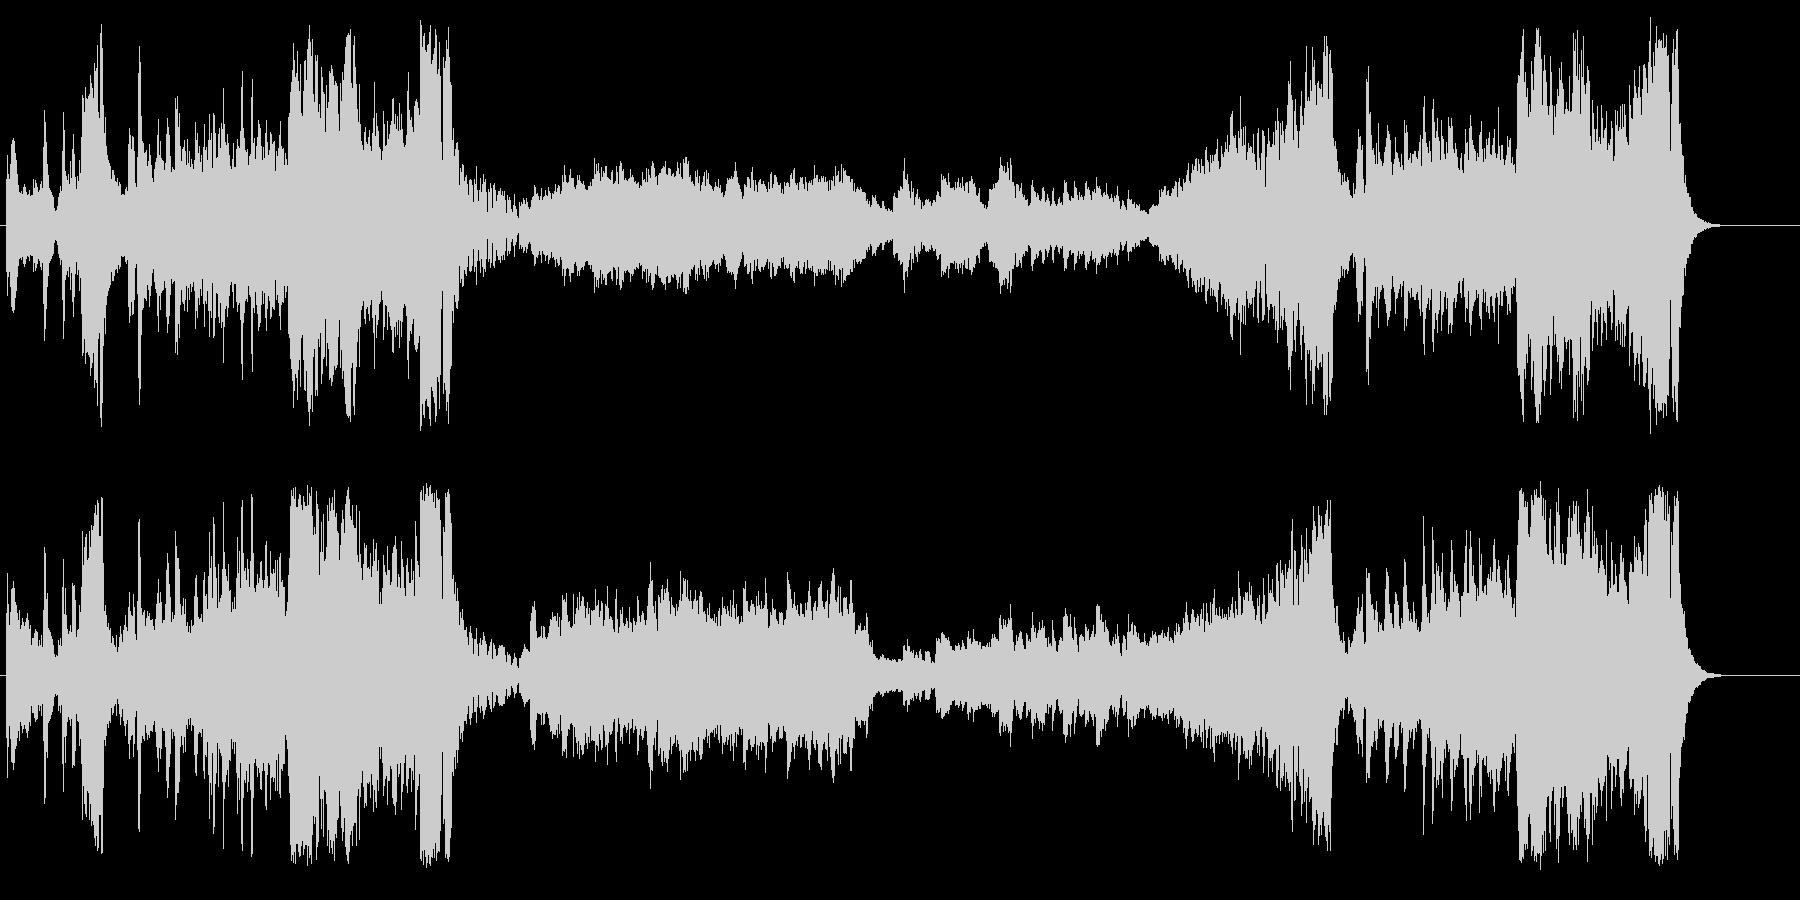 クラシック調のインフォメーションBGMの未再生の波形